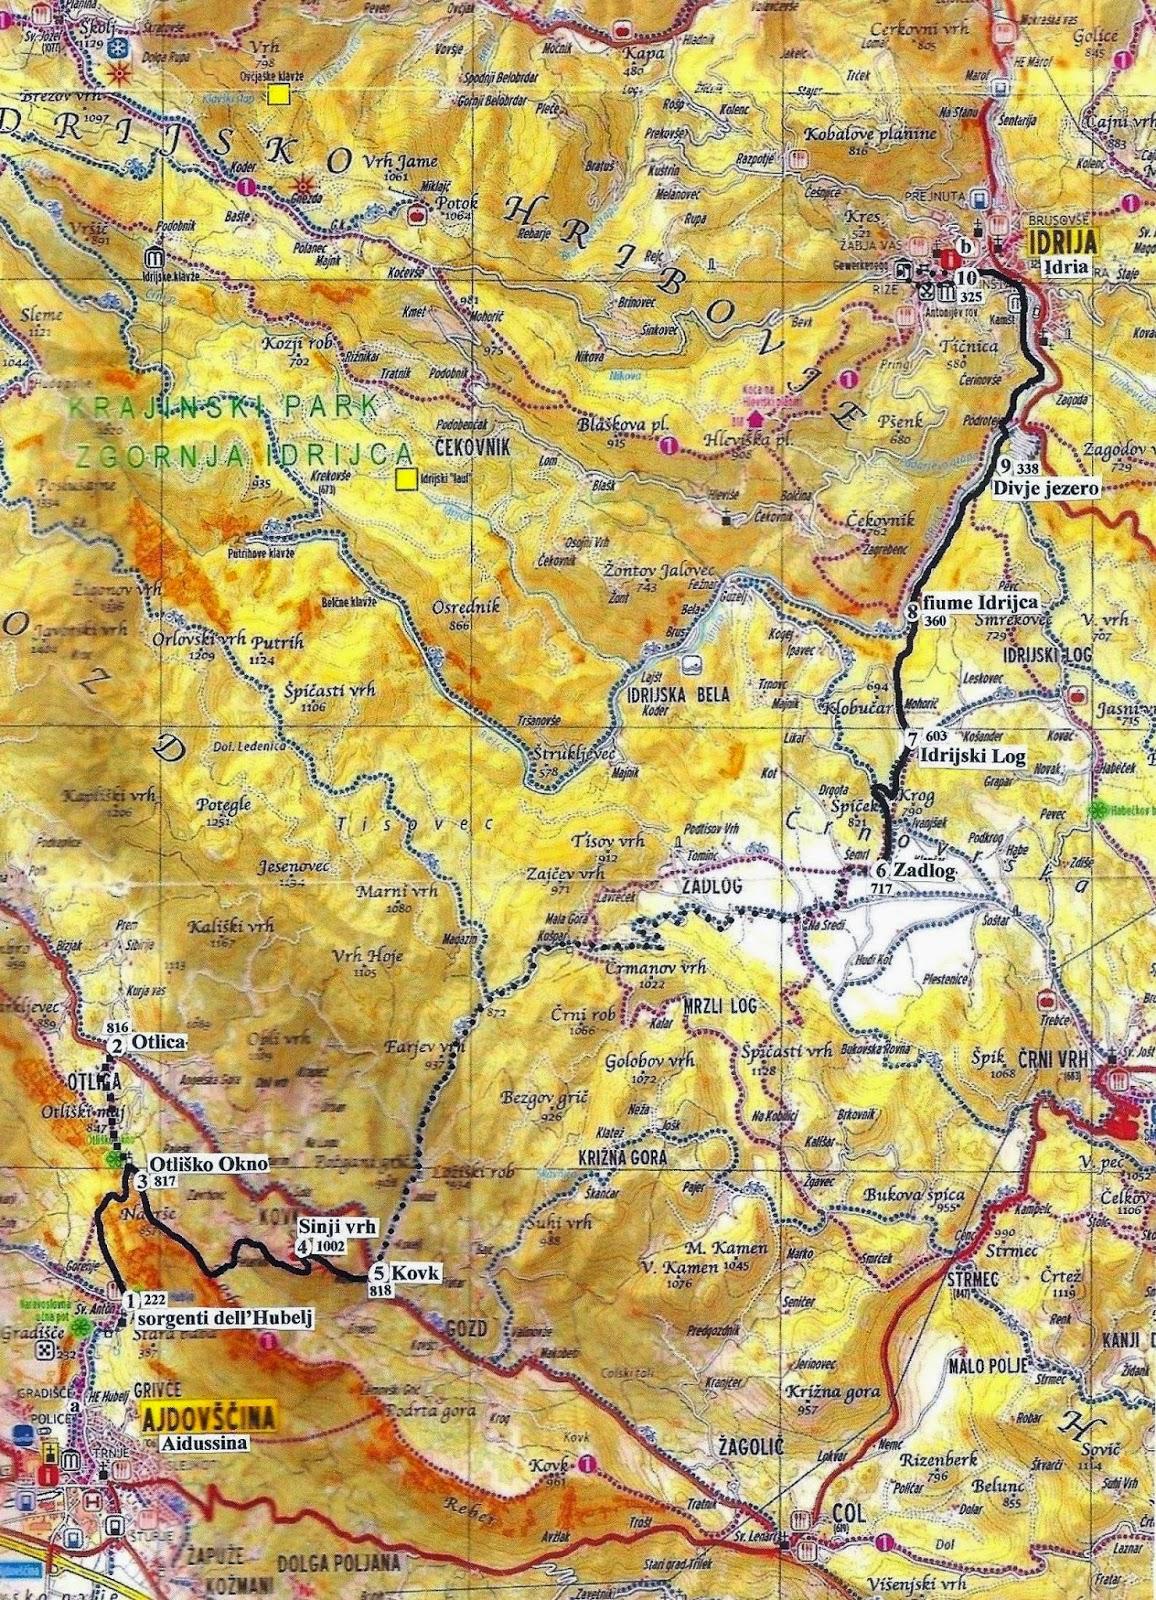 Descrizioni delle escursioni nei dintorni di trieste for Programma della mappa della casa